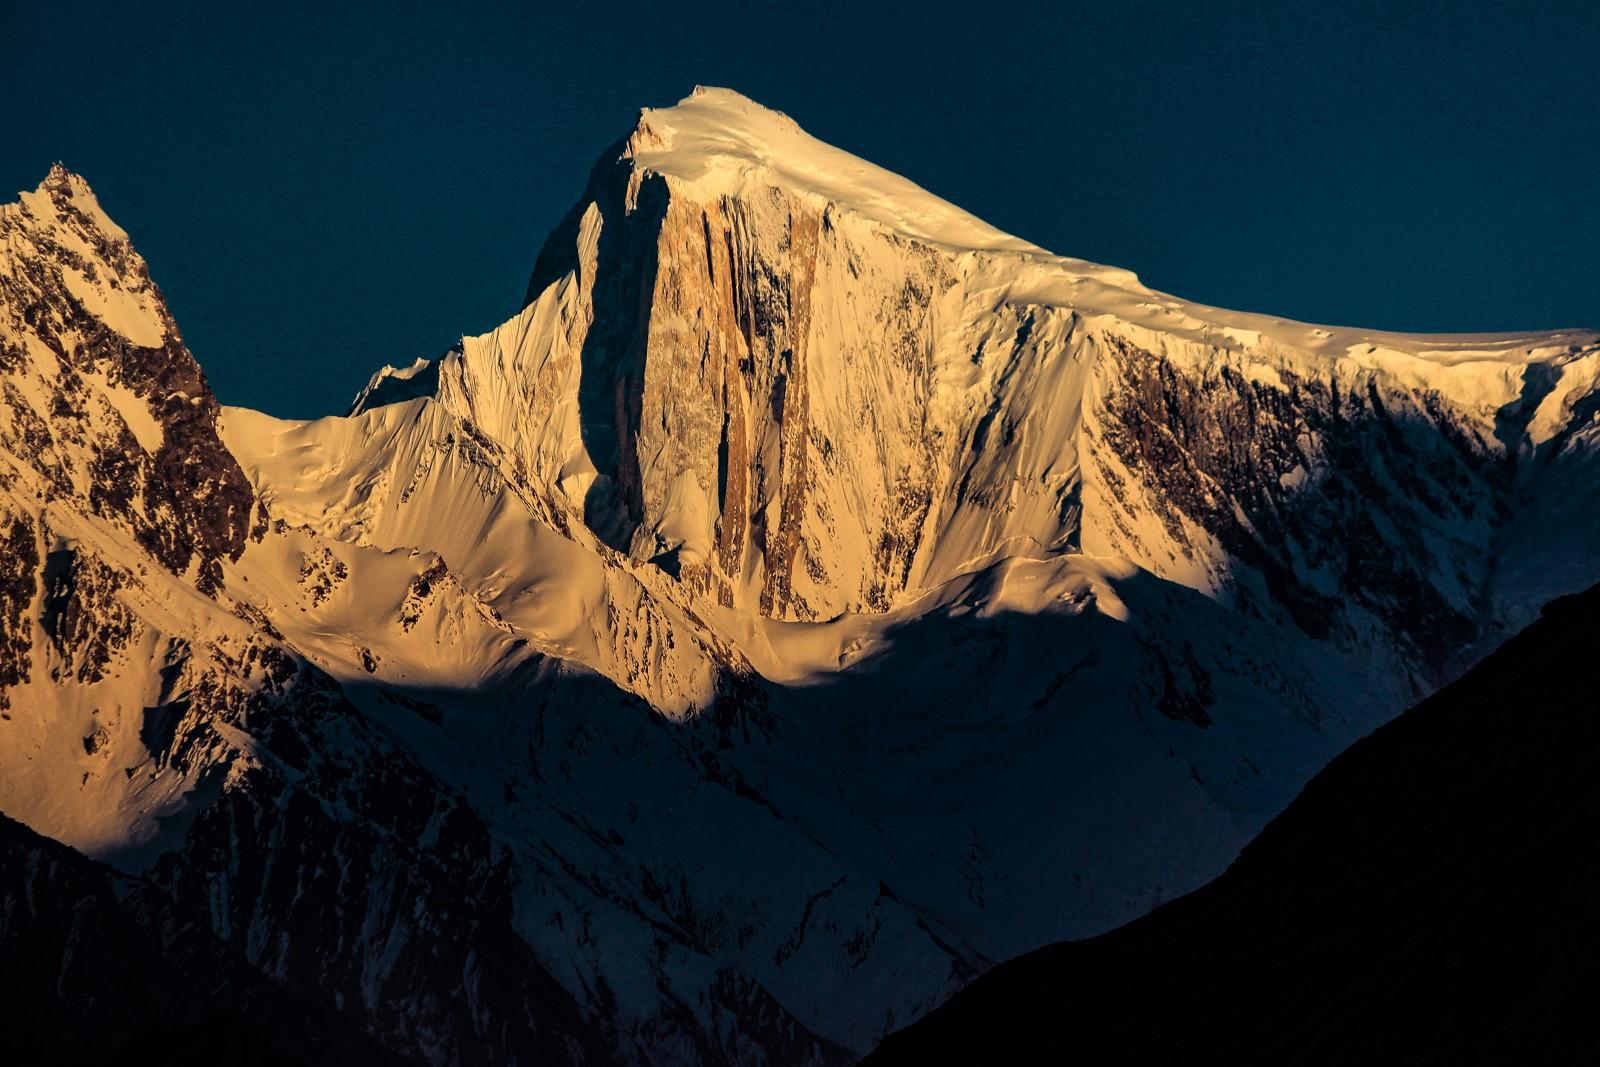 夕陽に染まるスパンティーク(7,027m)のゴールデンピラー(垂壁)